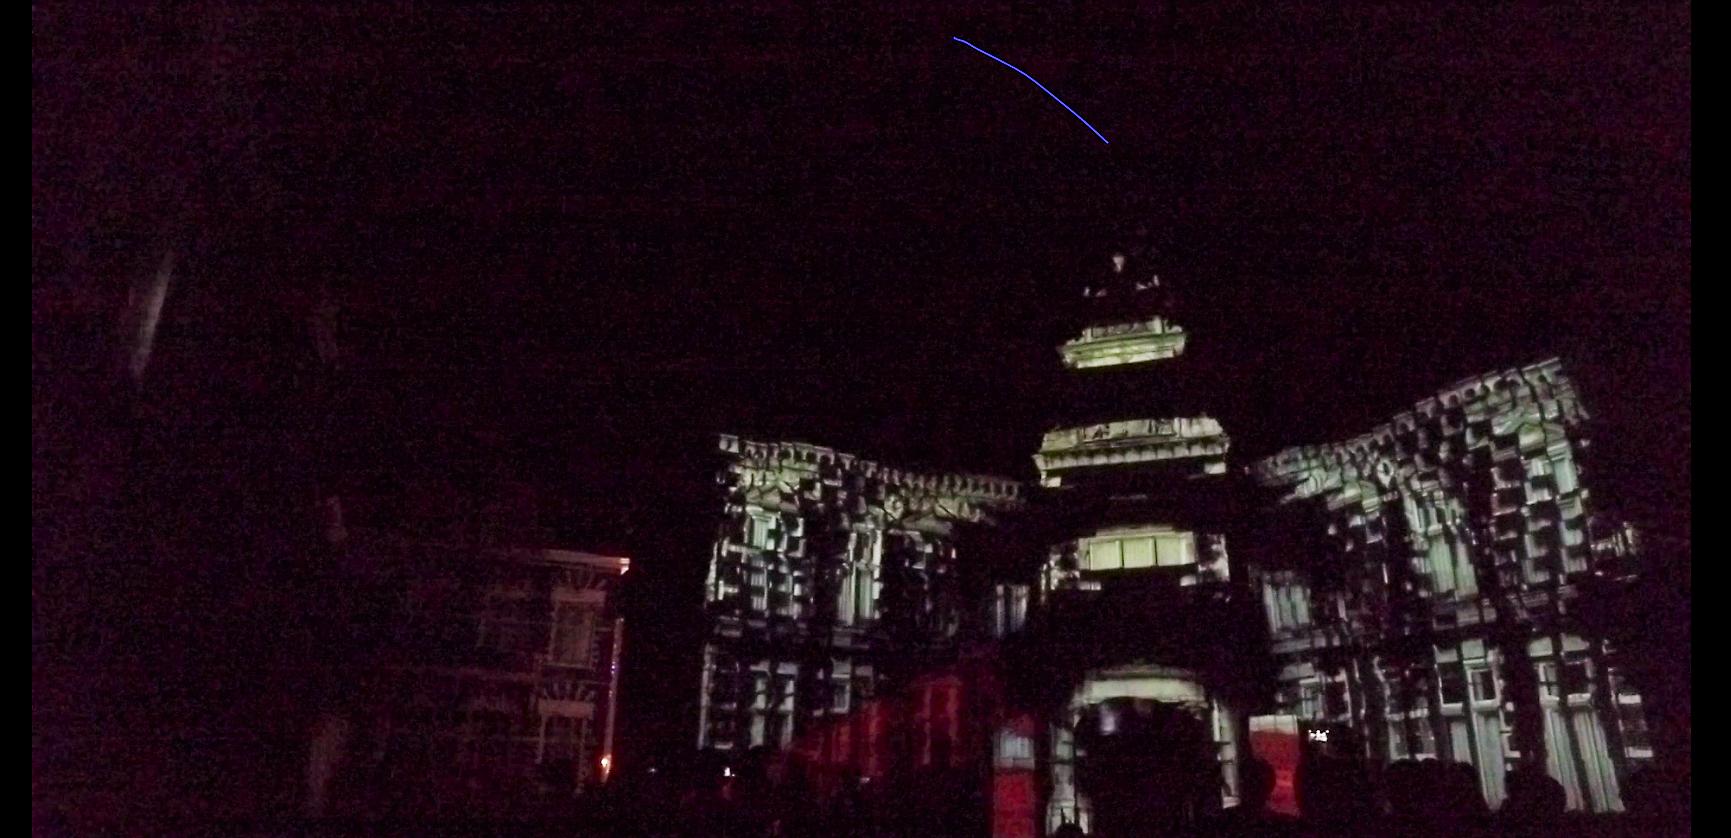 ハウステンボス 光の王国の回り方 スリラーシティでのプロジェクションマッピング